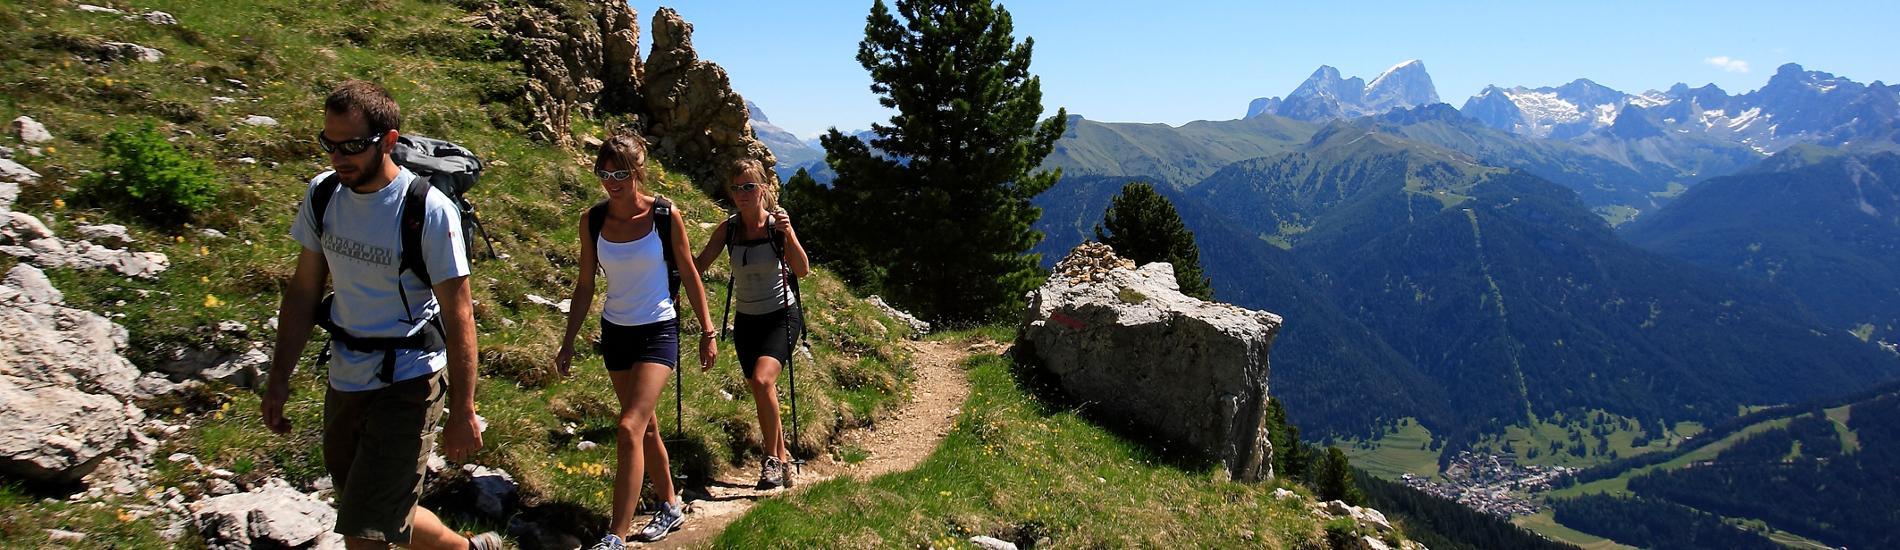 Vacanze Genitori in Trentino Alto Adige